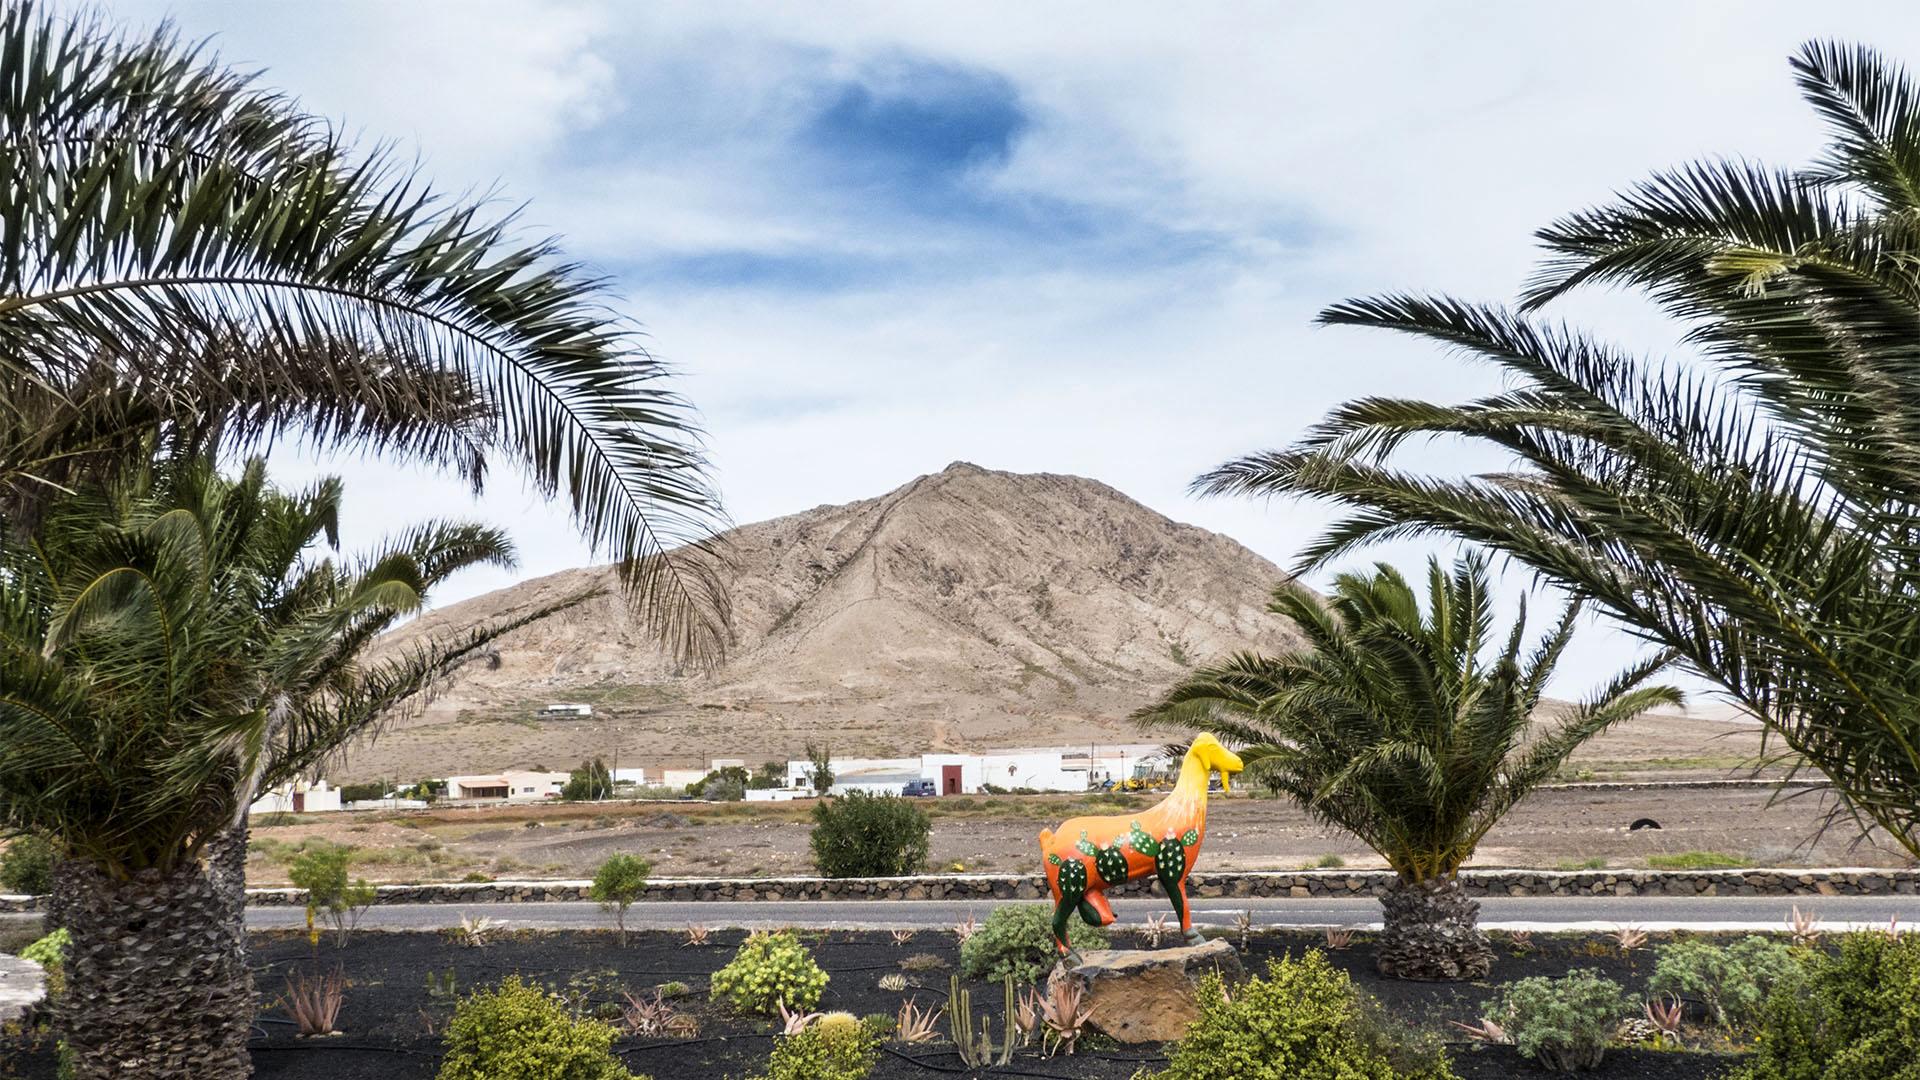 Städte und Ortschaften Fuerteventuras: Tindaya